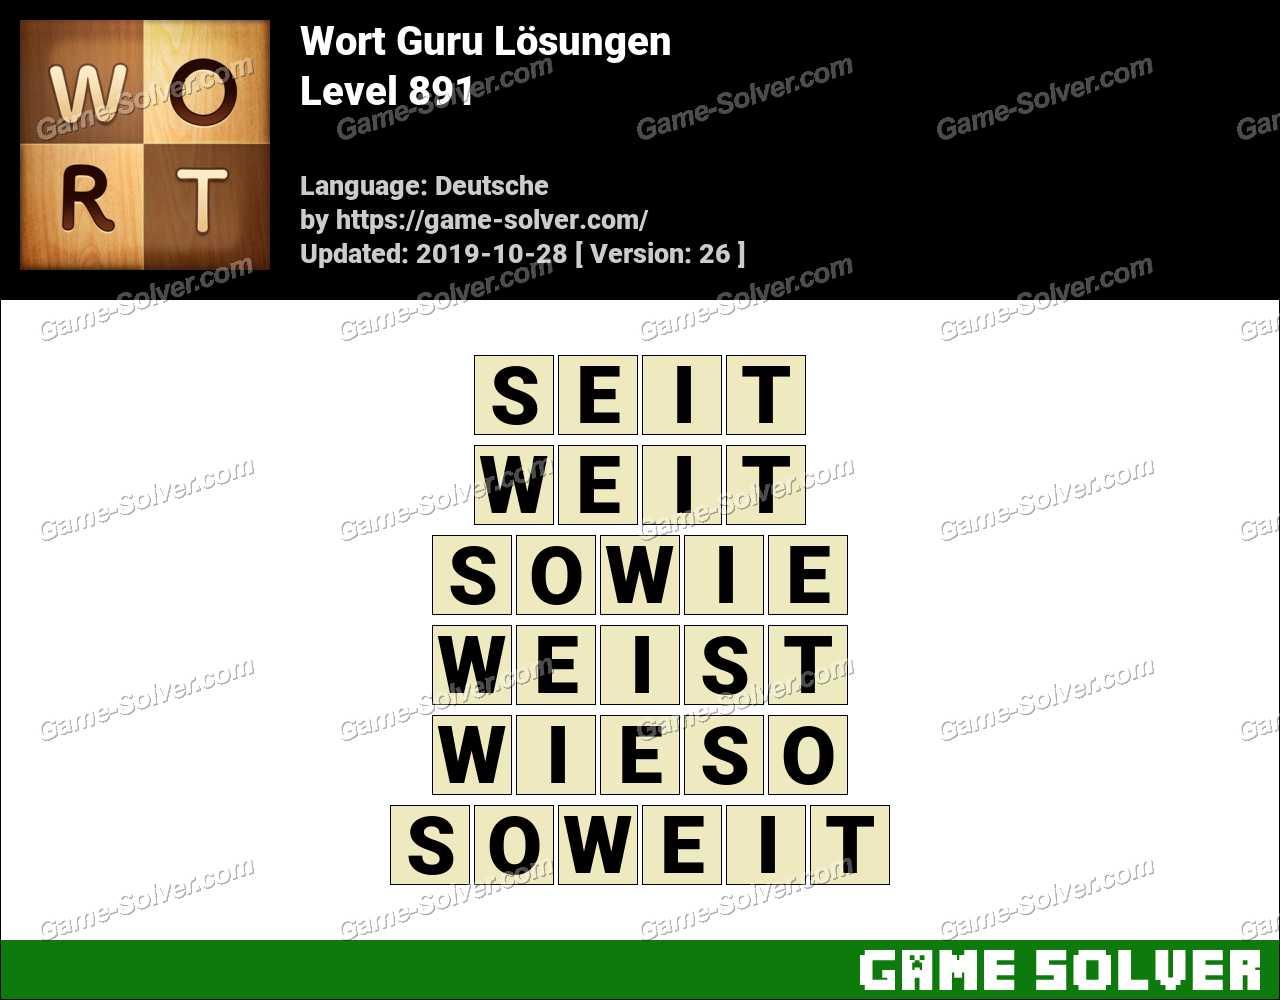 Wort Guru Level 891 Lösungen